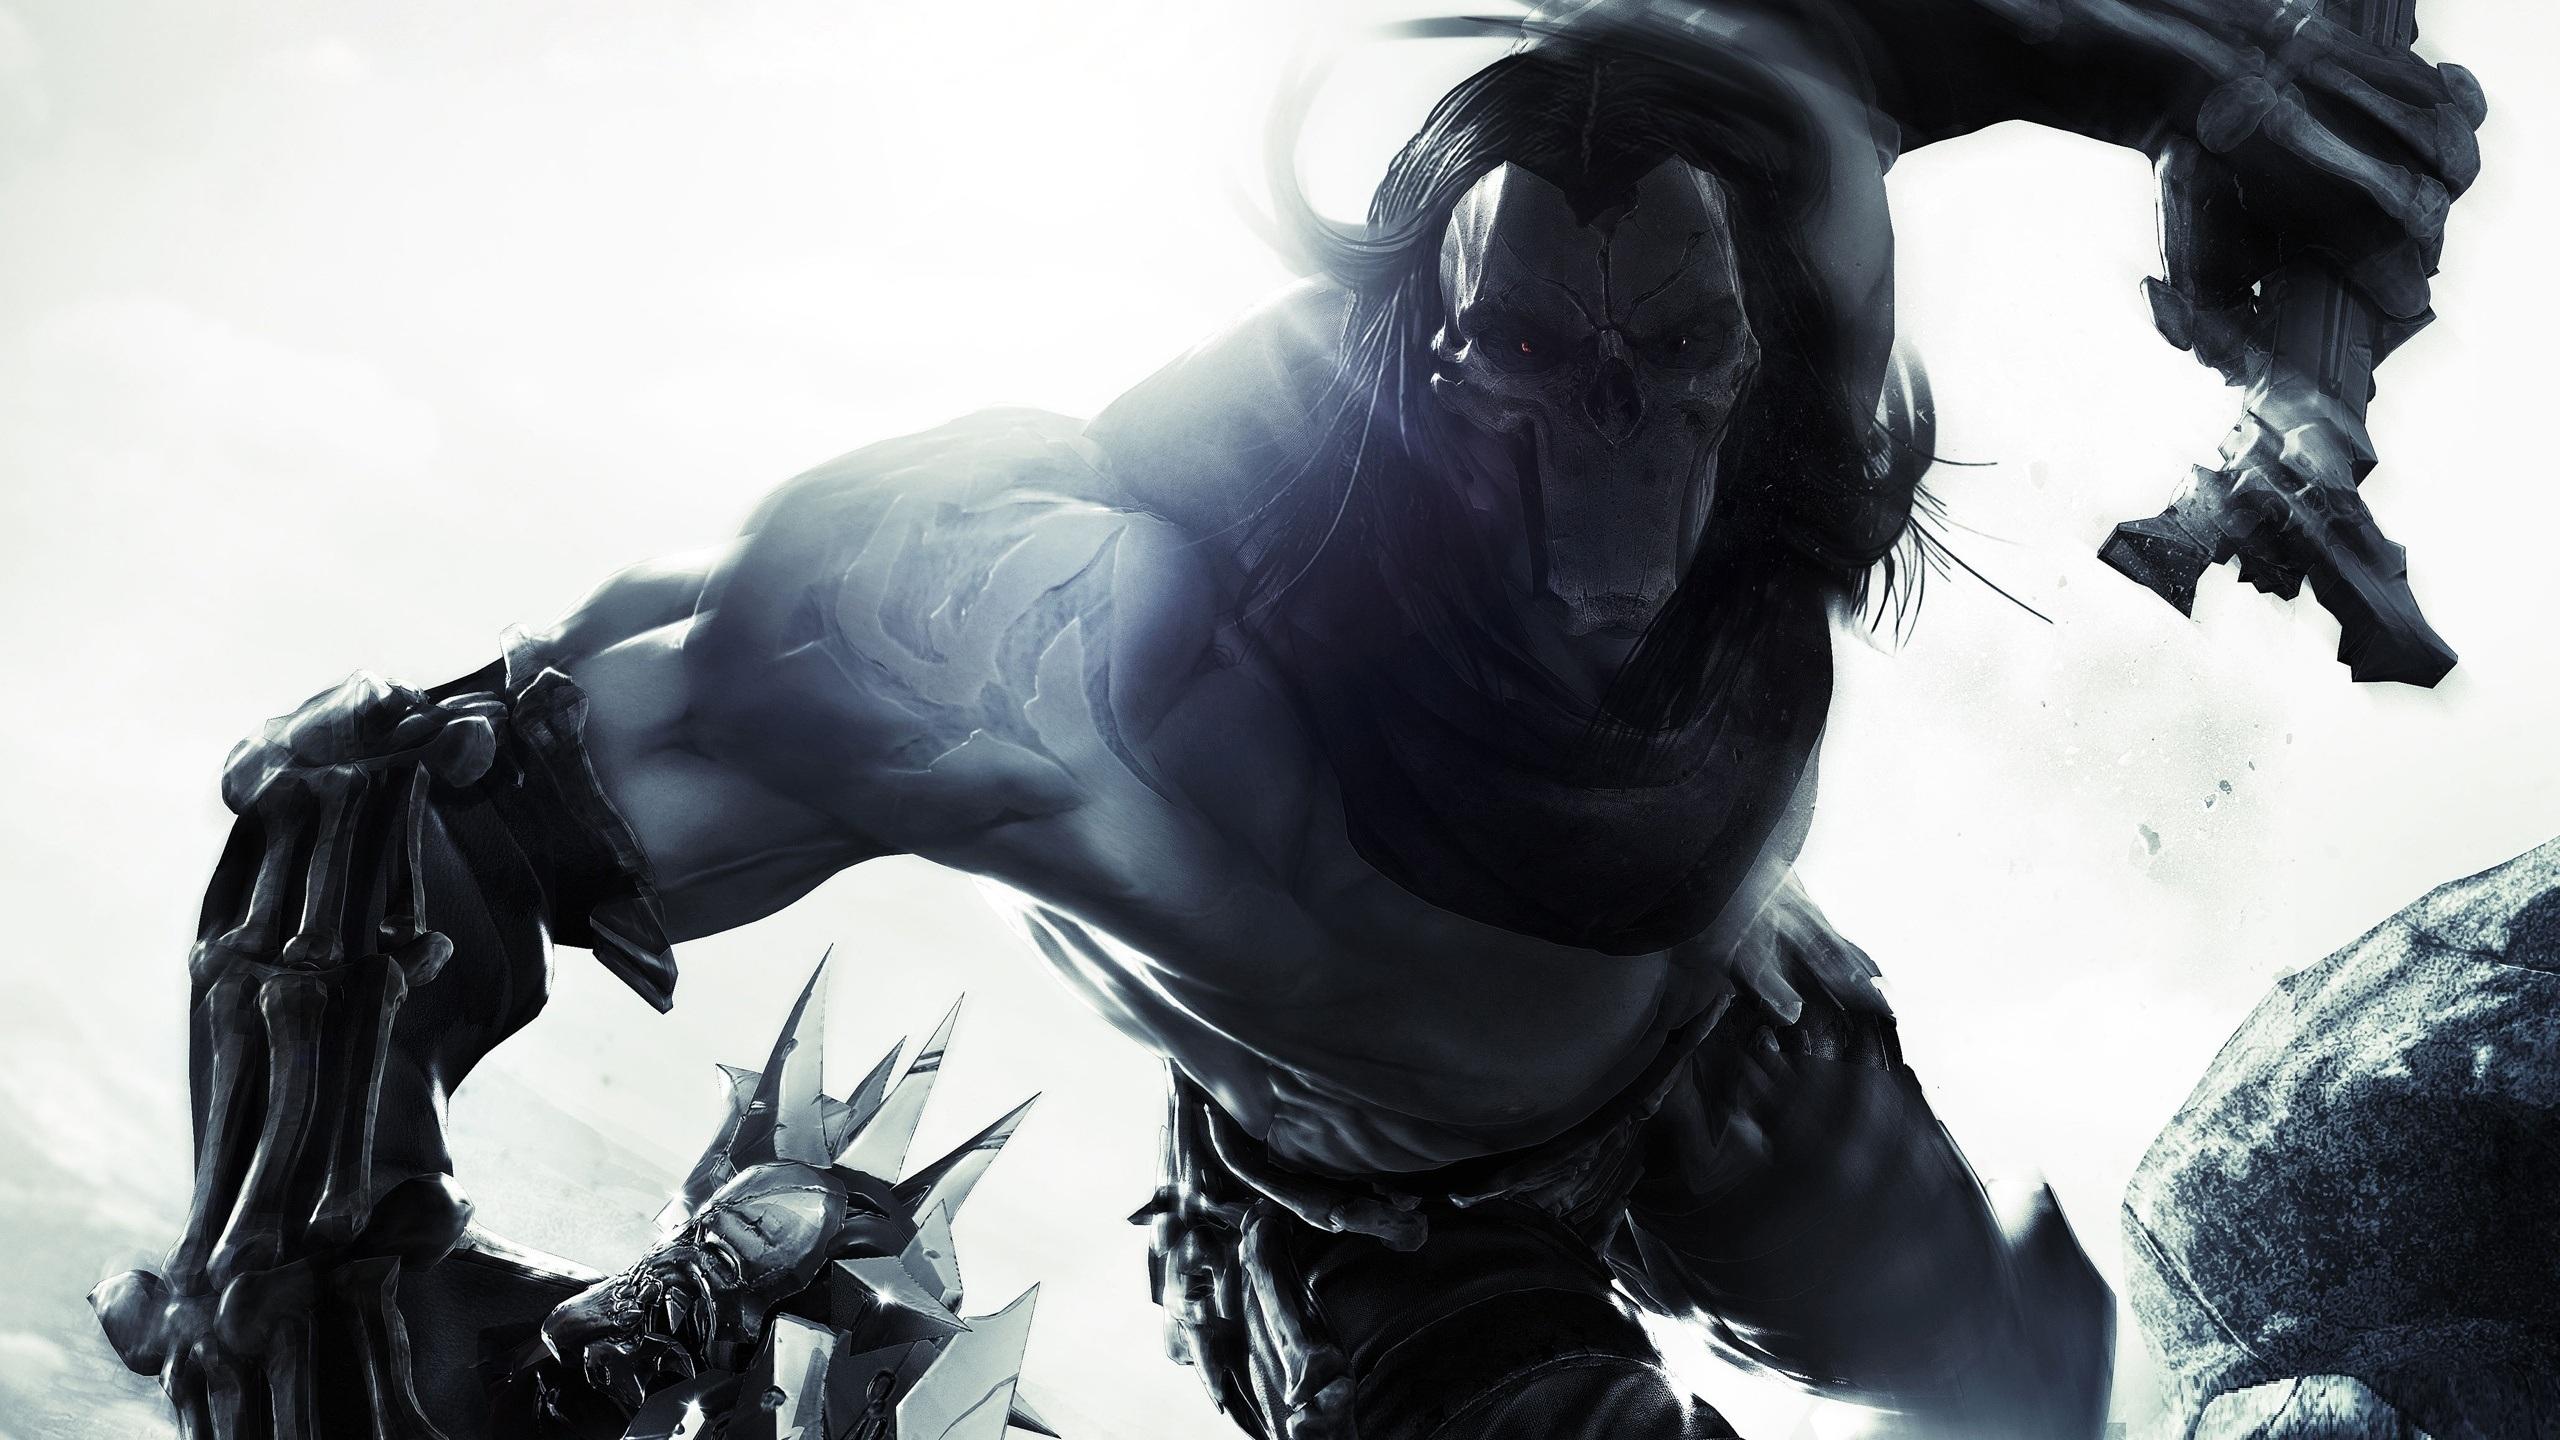 Darksiders Darksiders Ii Death Game Video Game 2560x1440